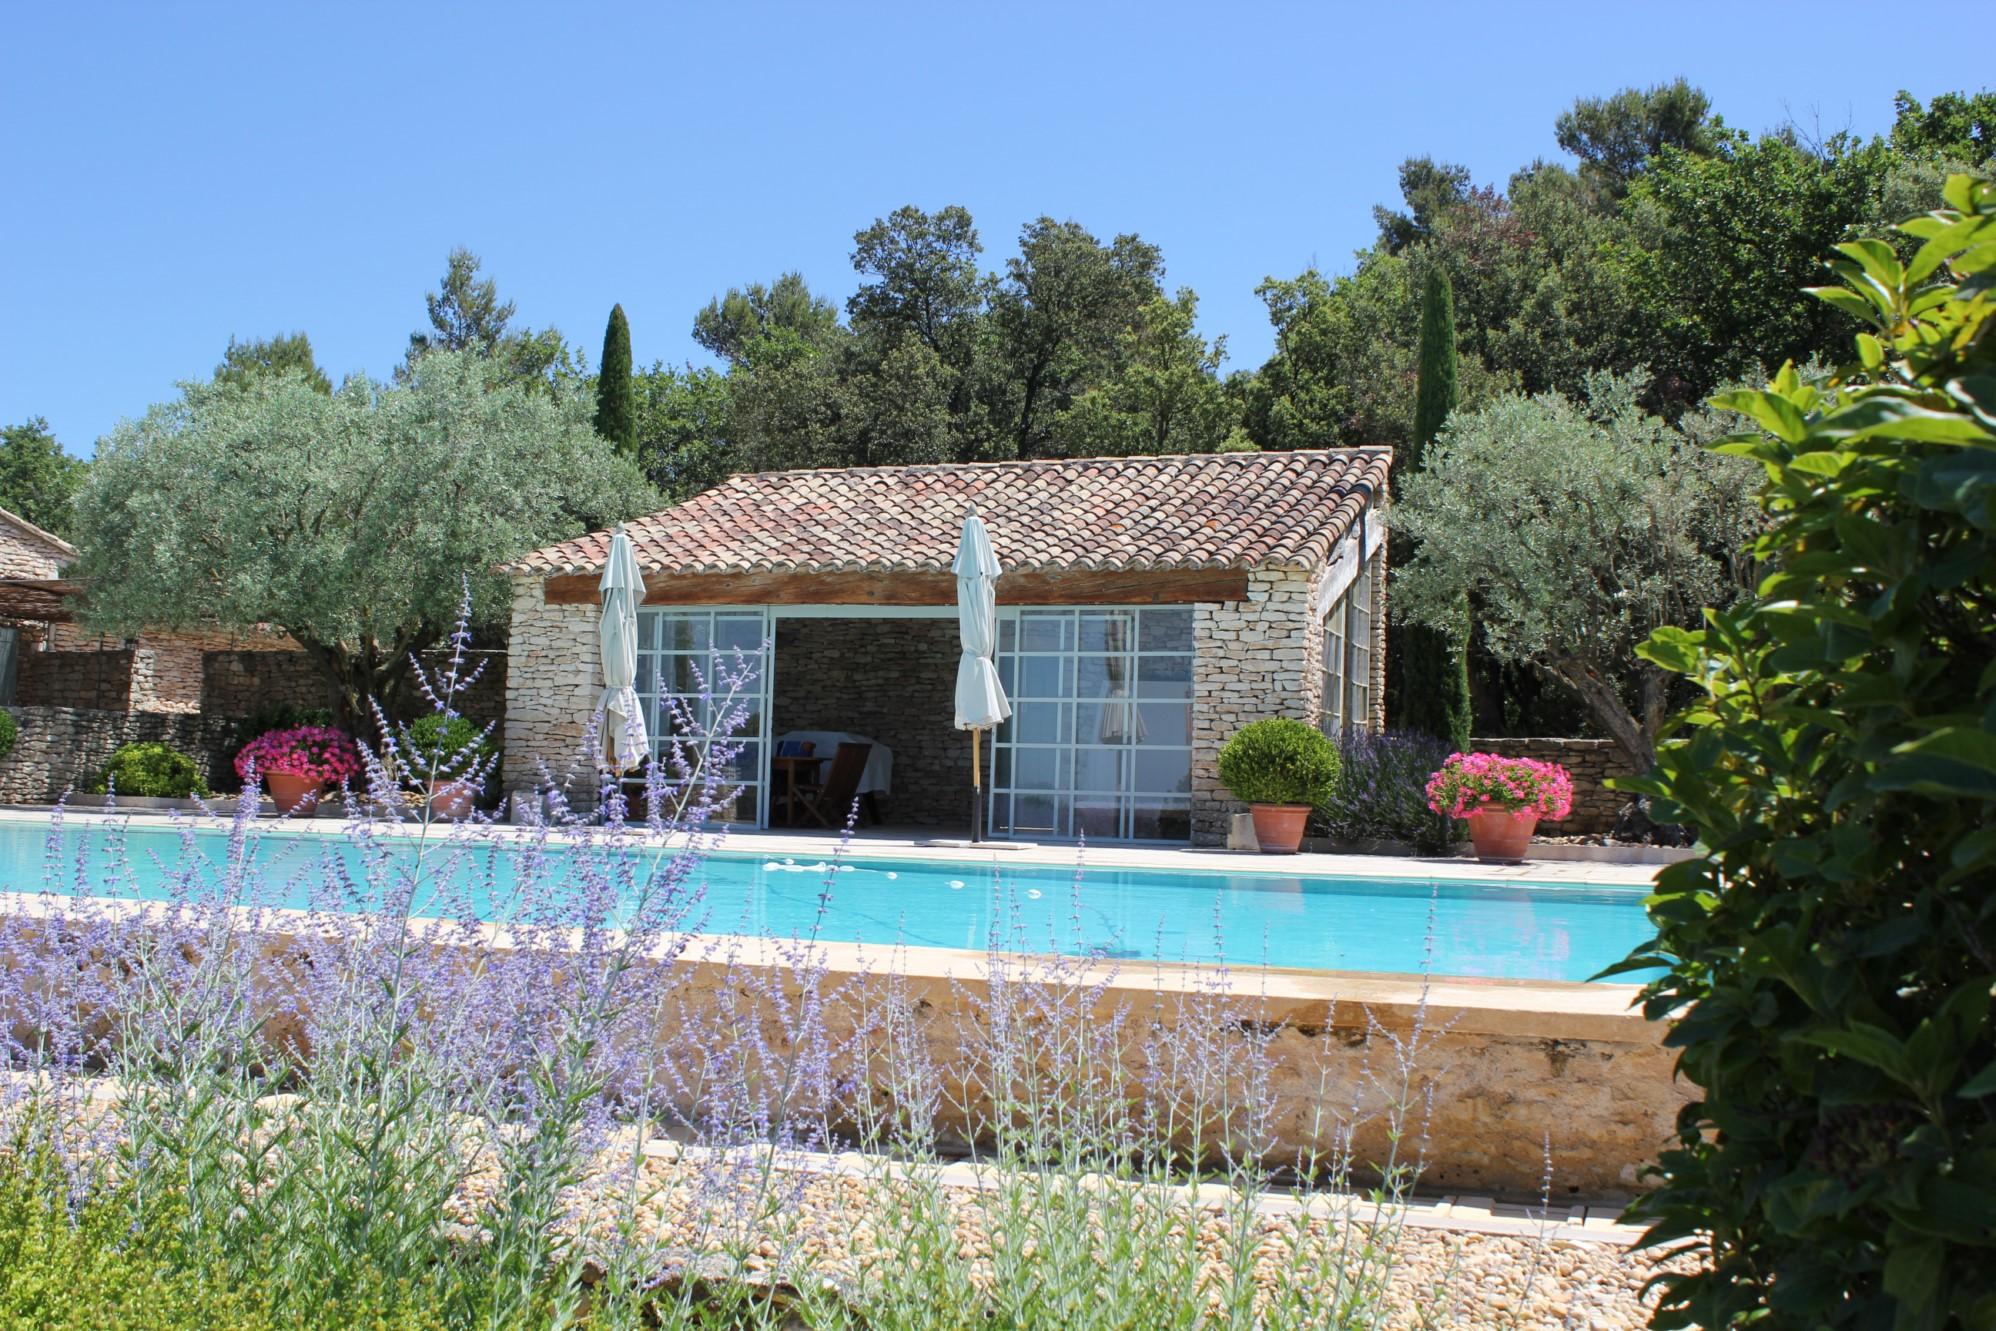 Maison avec piscine à vendre par ROSIER